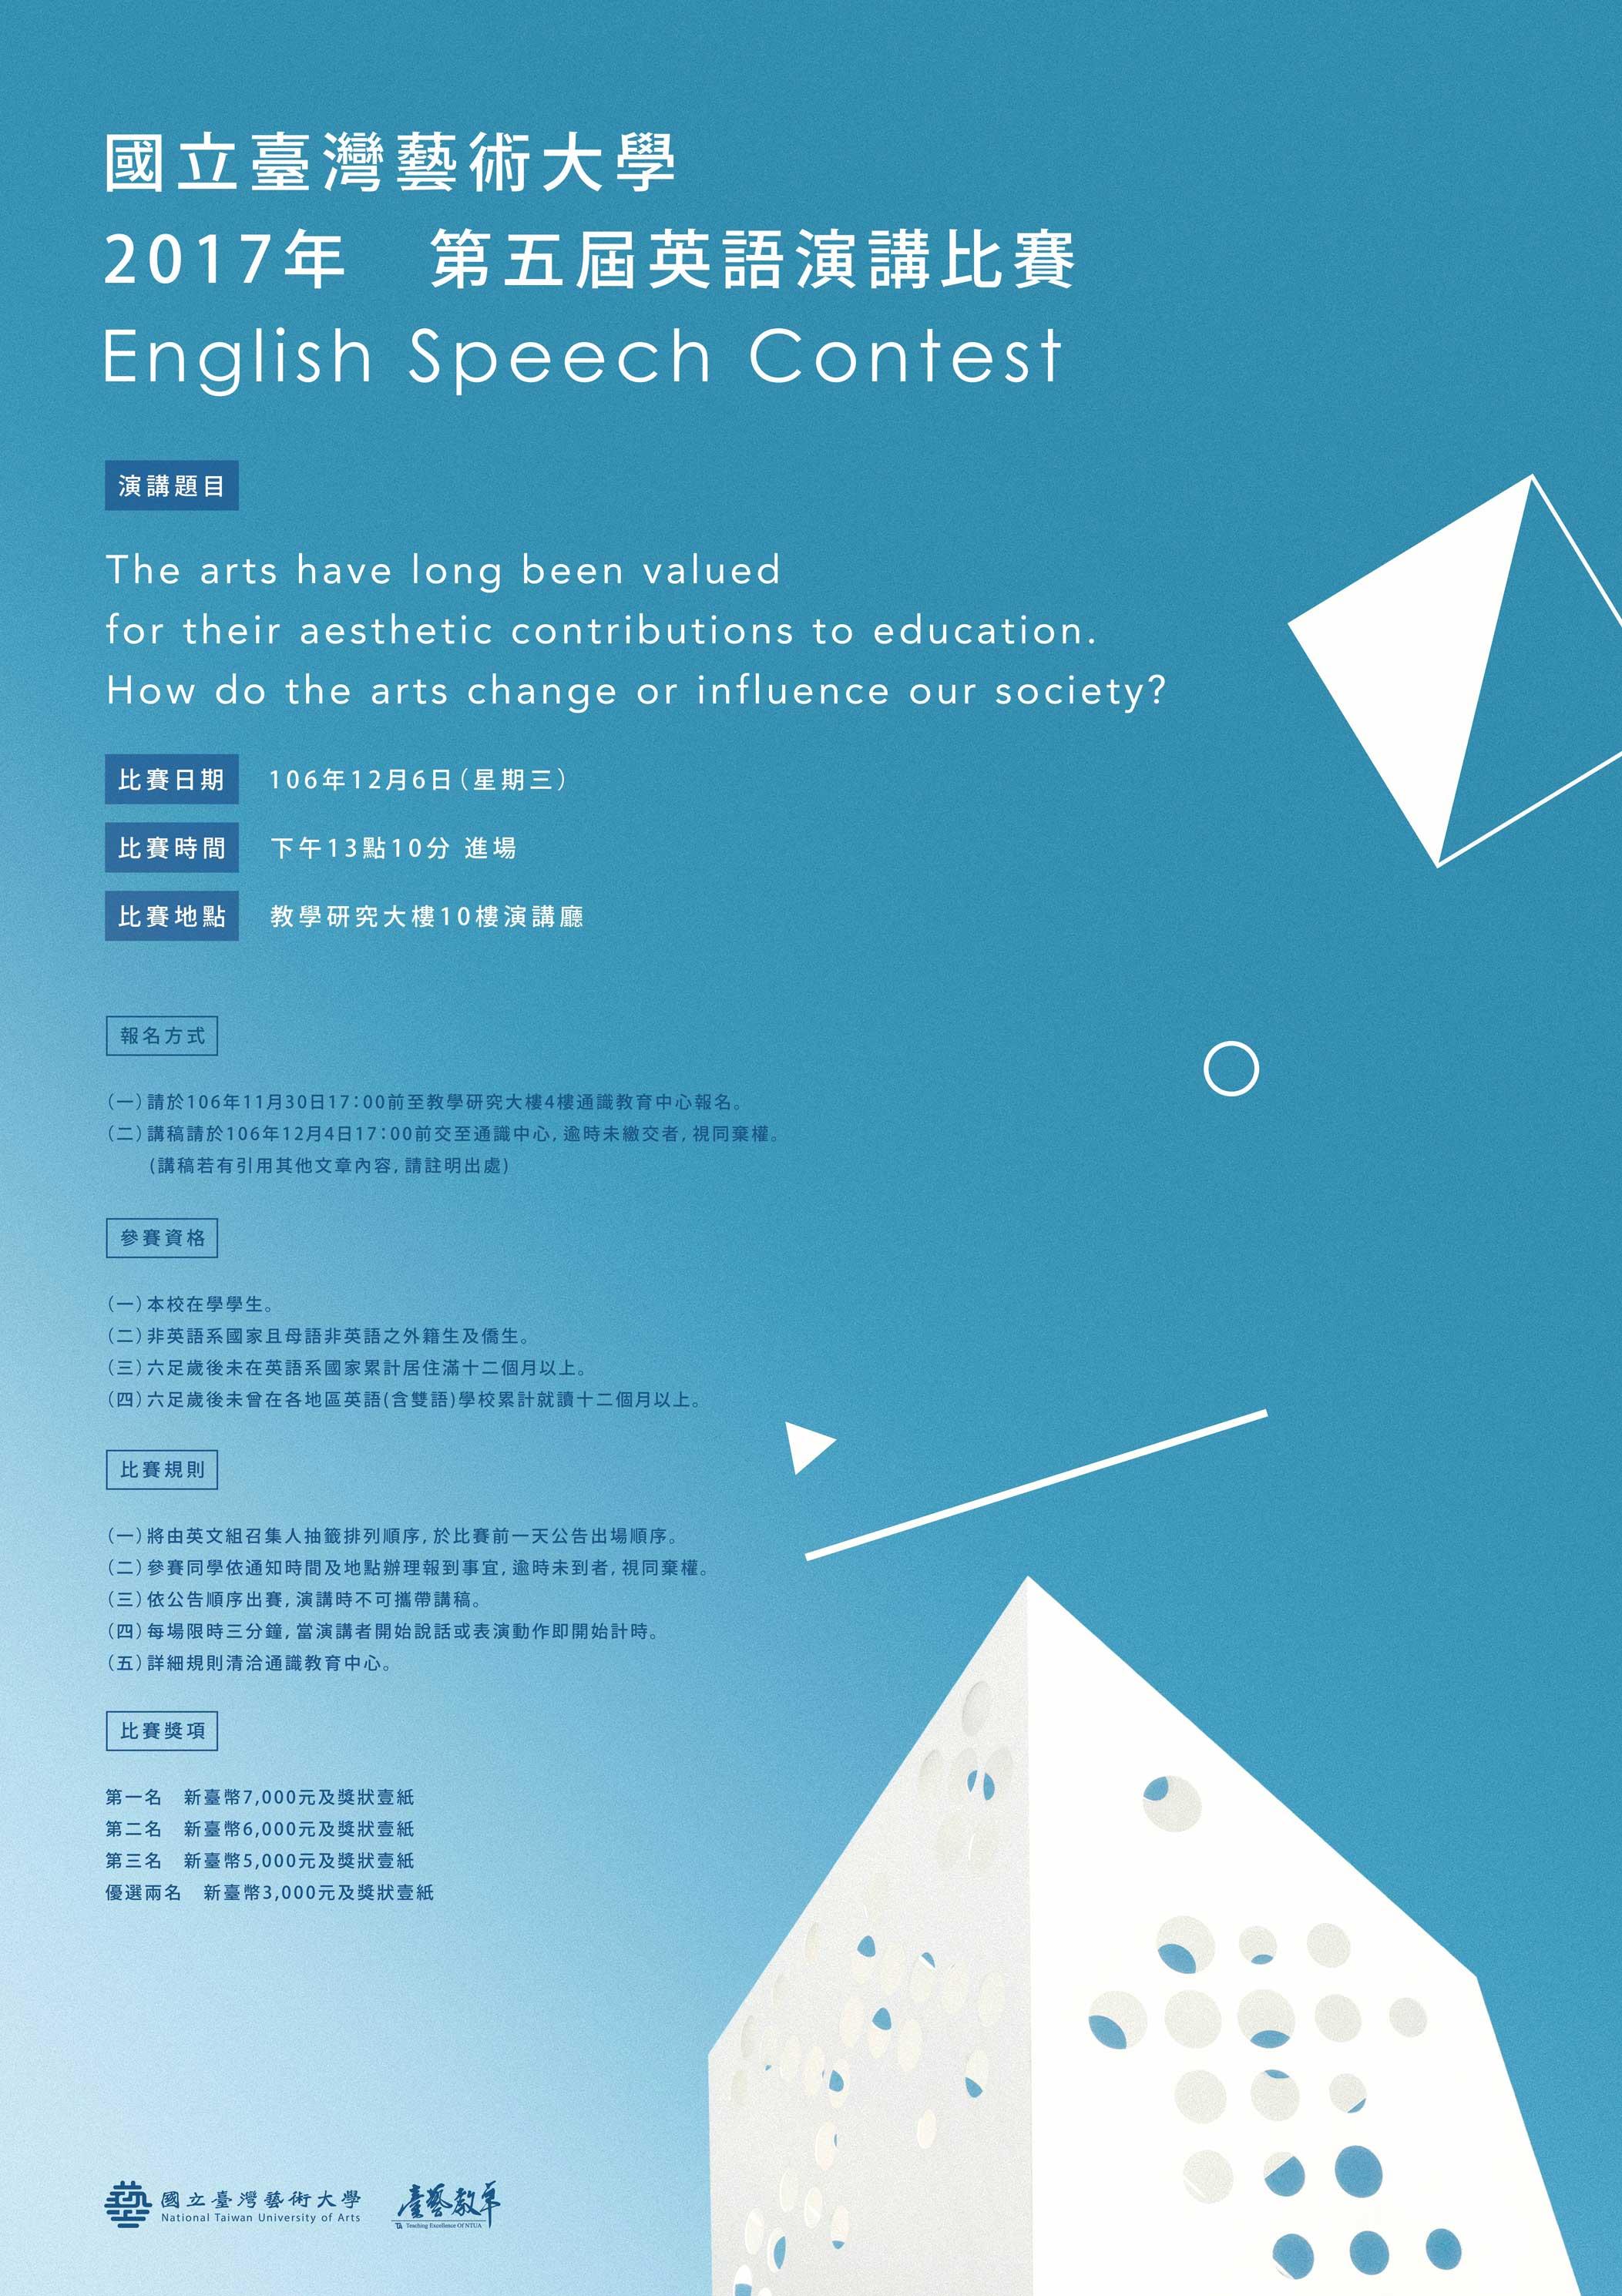 2017年第五屆英語演講比賽